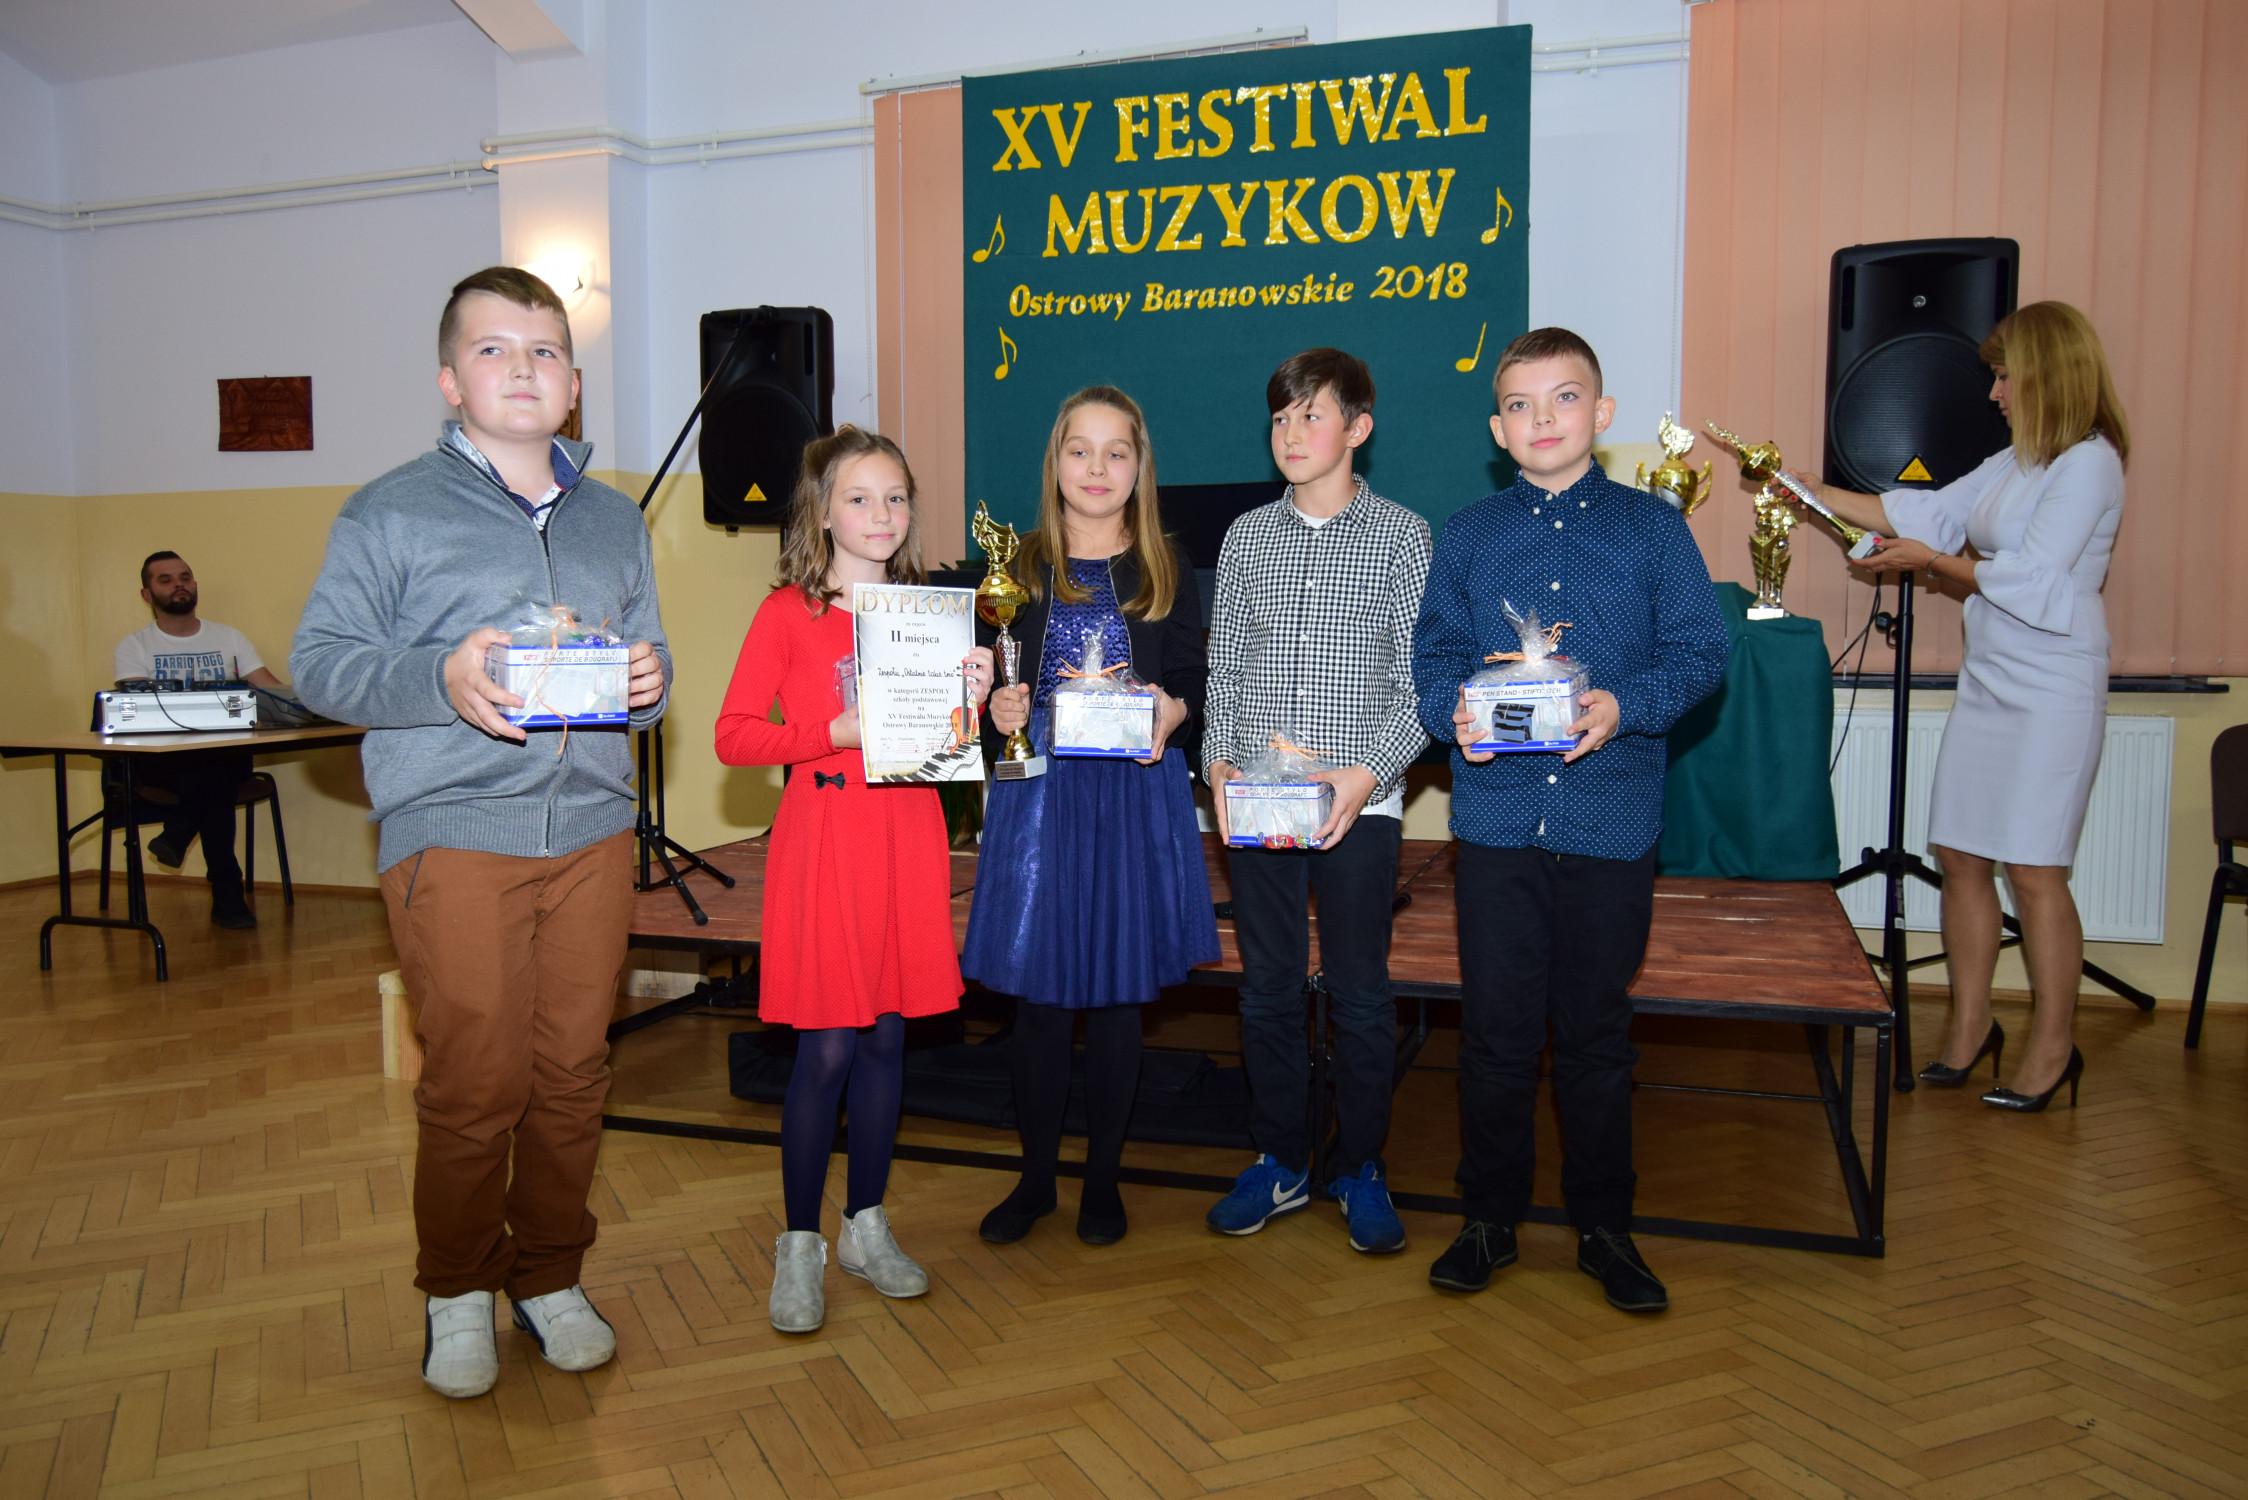 W Ostrowach Baranowskich po raz piętnasty odbył się Festiwal Muzyków. Zobaczcie, które miejsca zajęli jego uczestnicy   WYNIKI   - Zdjęcie główne